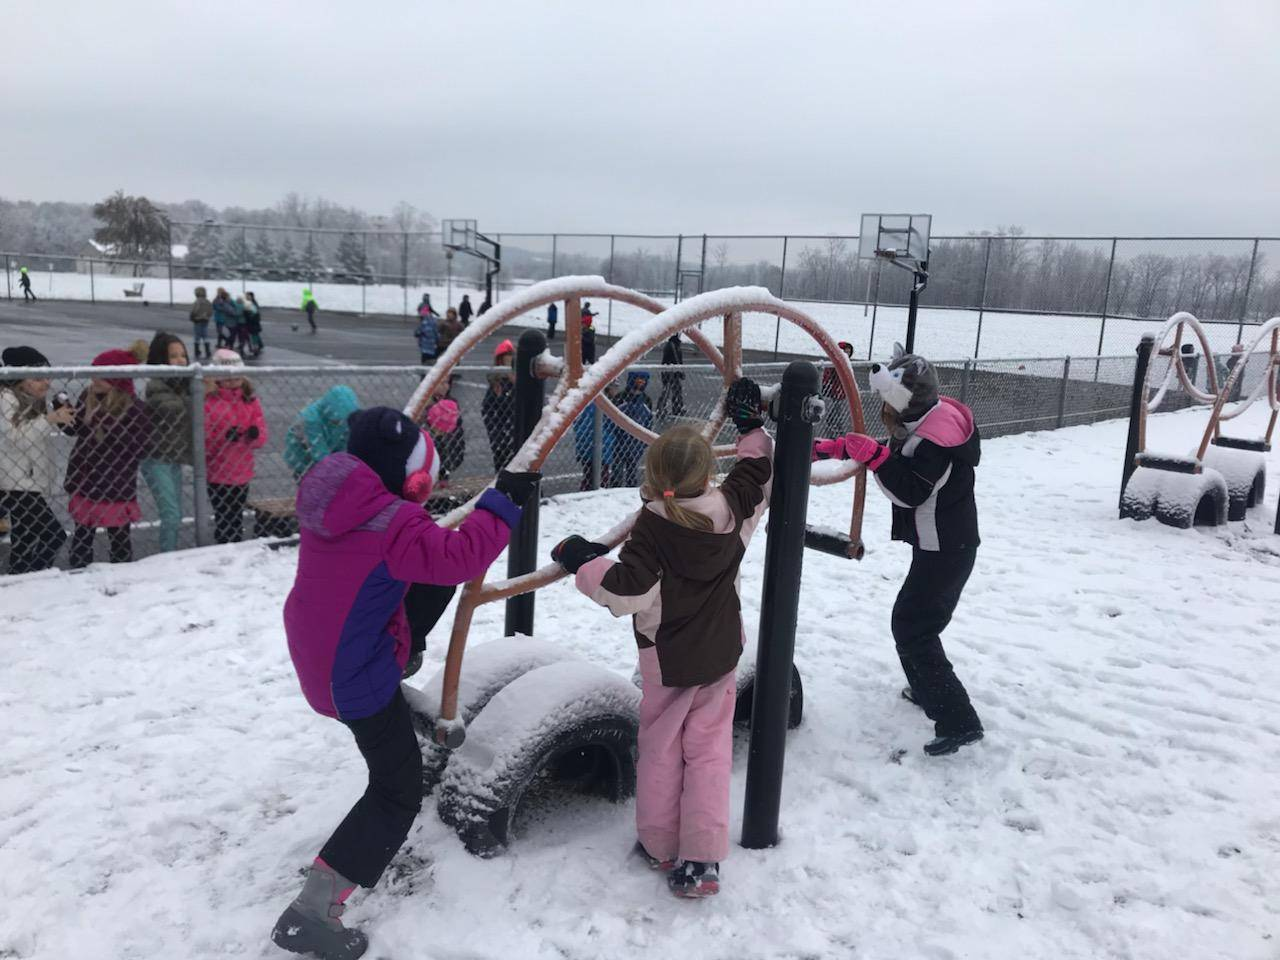 Recess fun in the snow!